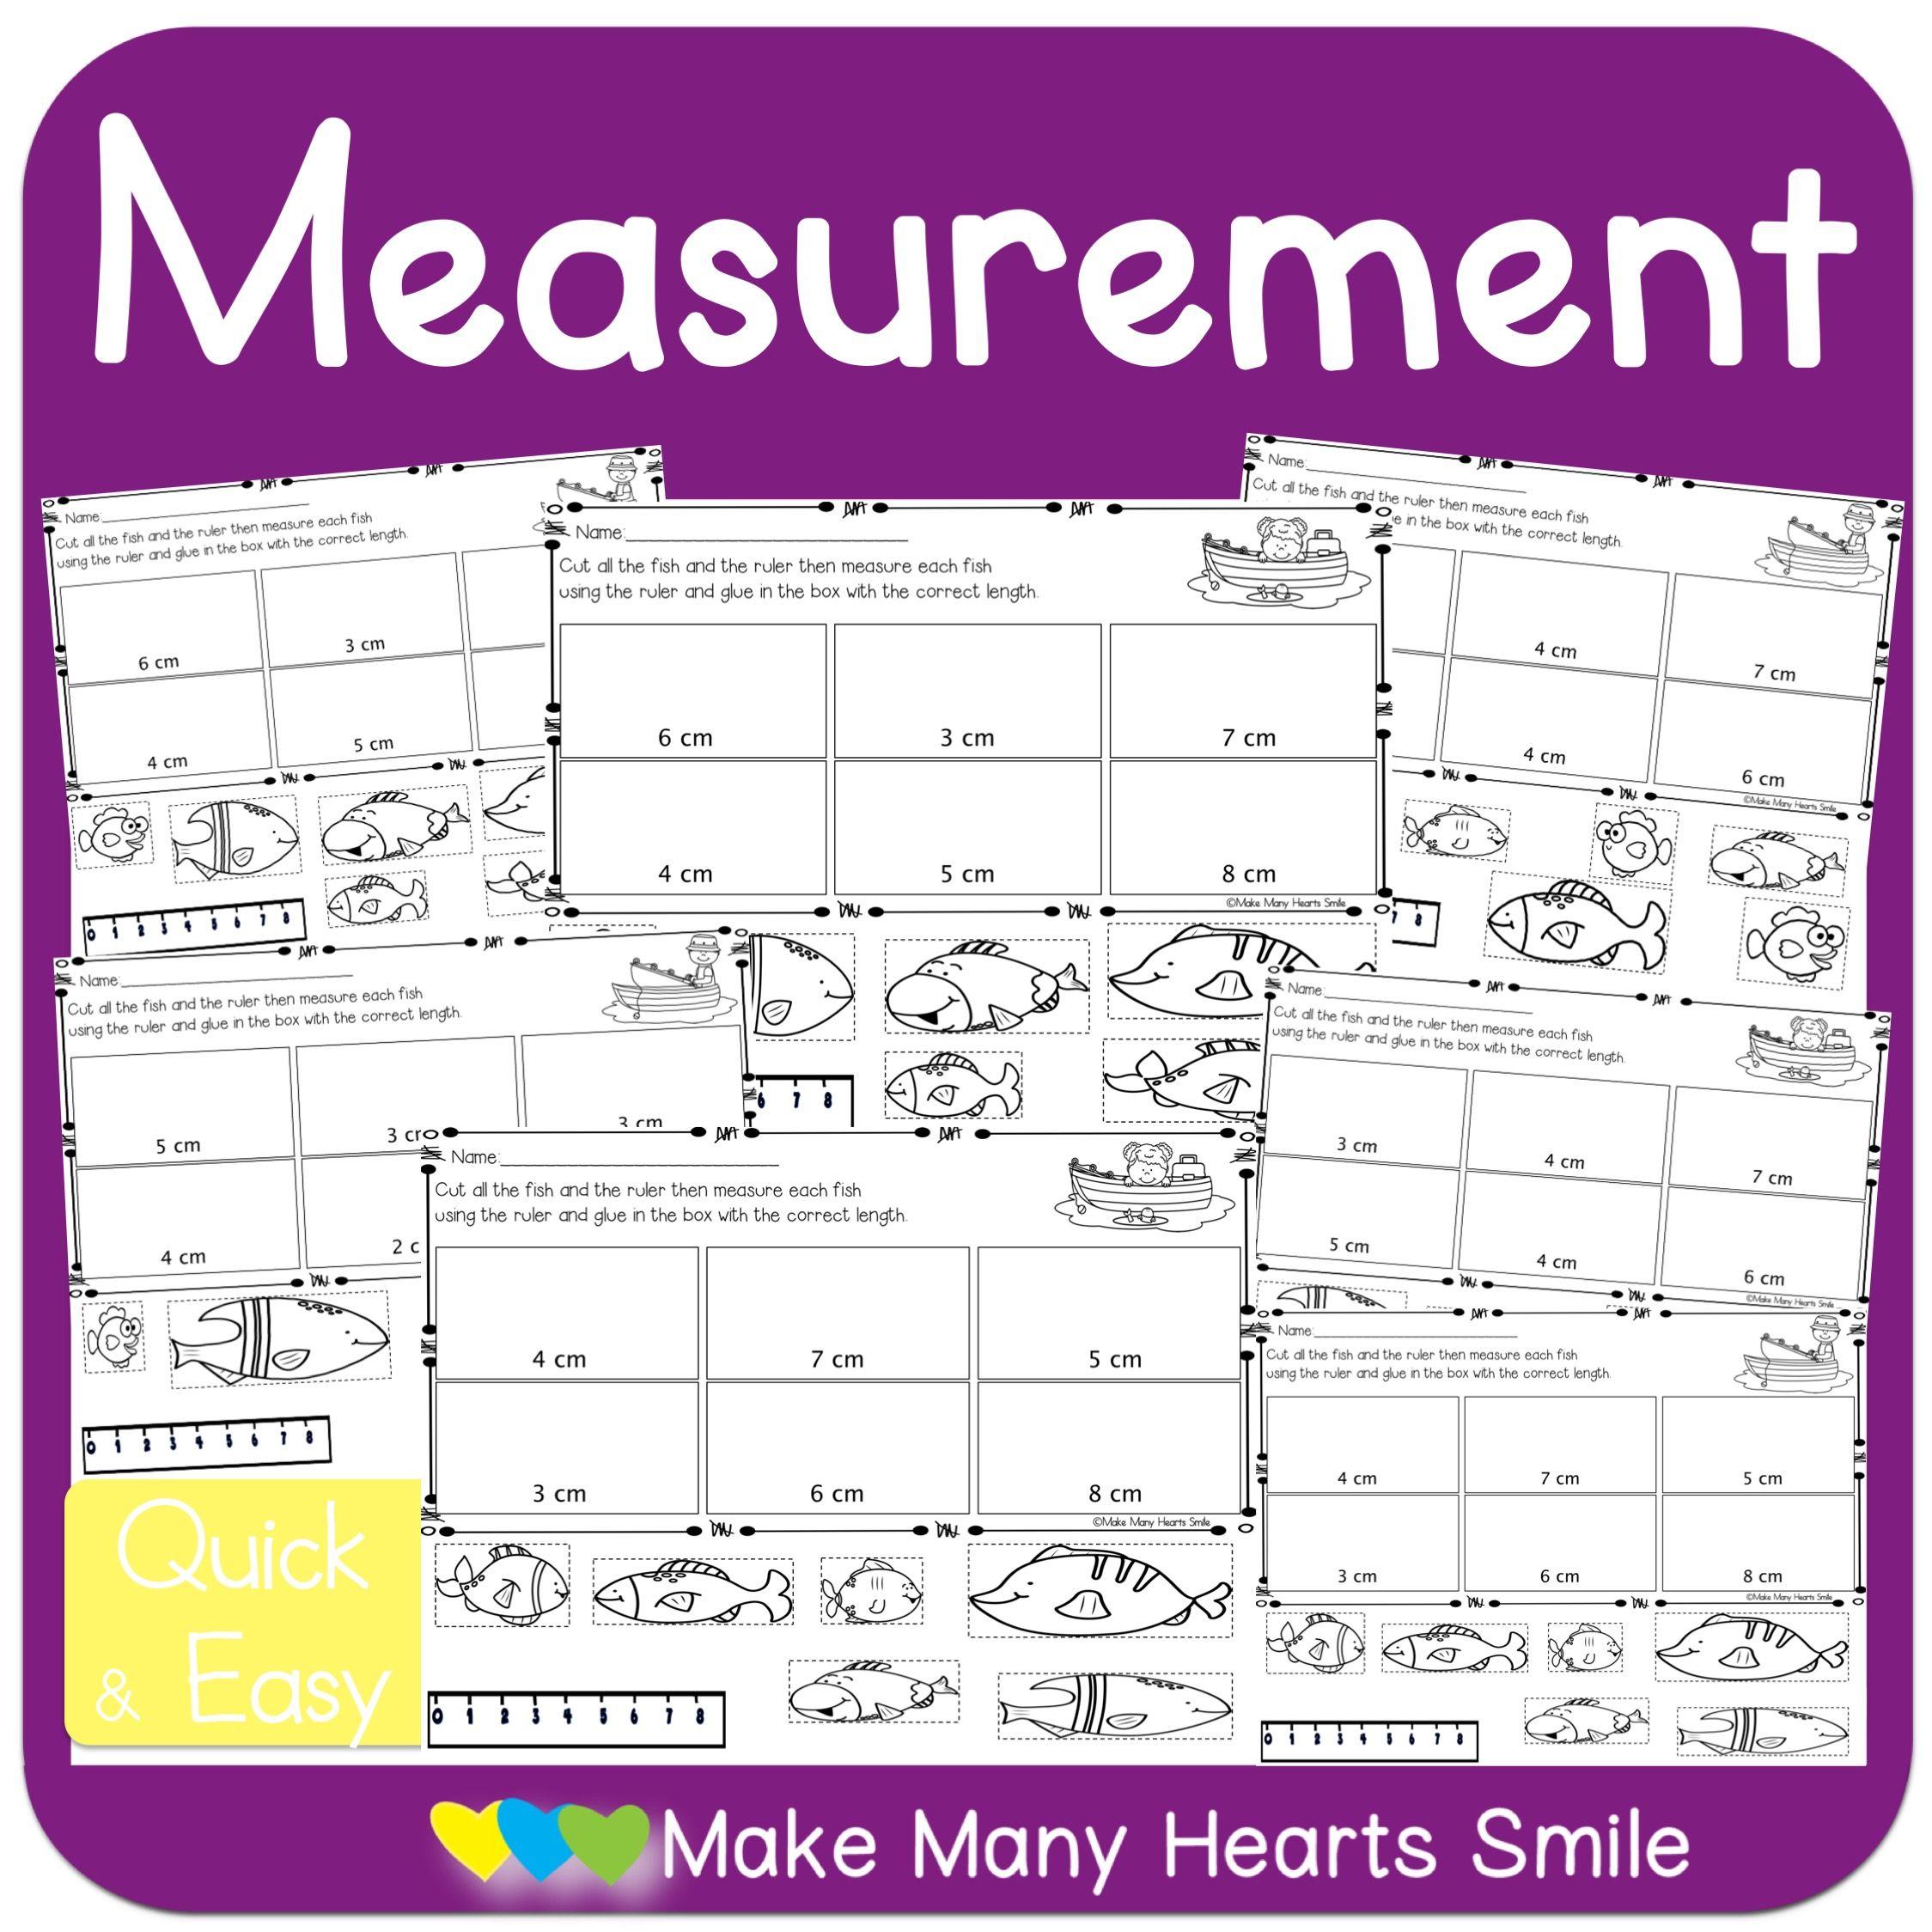 Measurement Centimeters Mhs11